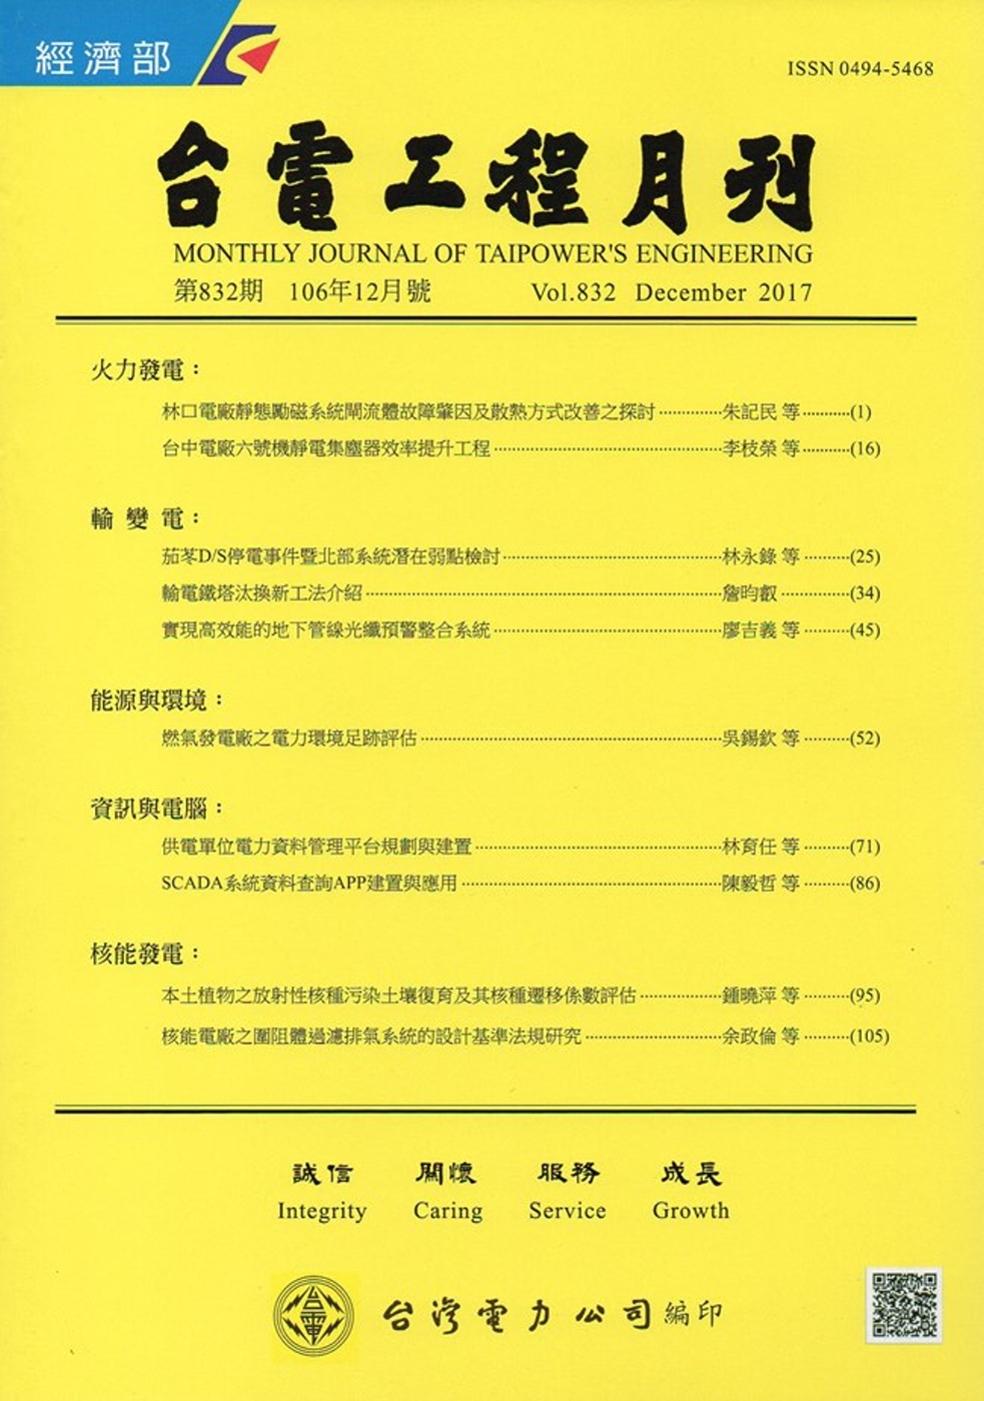 台電工程月刊第832期106/12